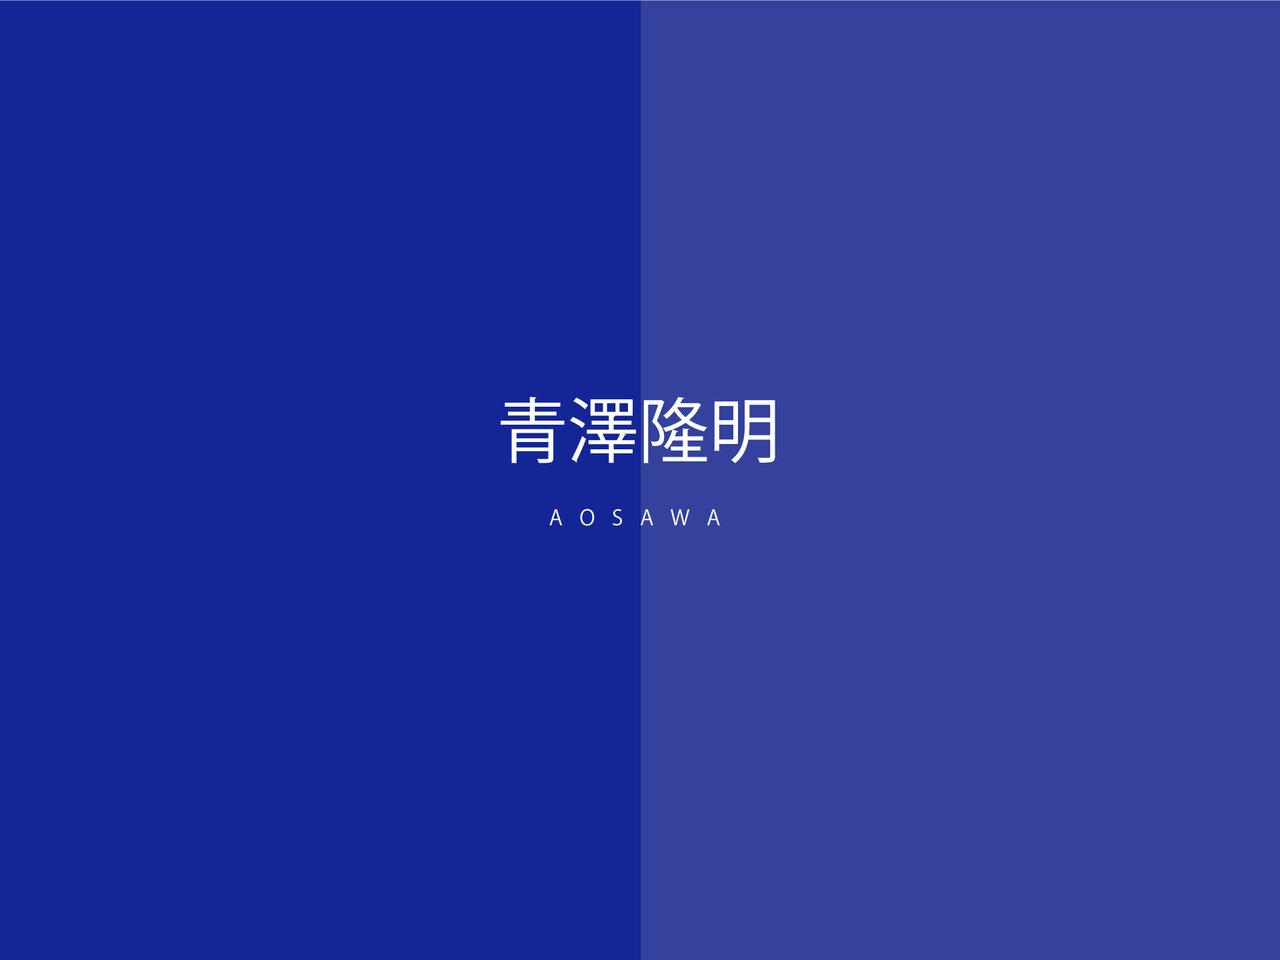 アメリカの夢の続き -バート・バカラック & ダニエル・タシアン『ブルー・アンブレラ』